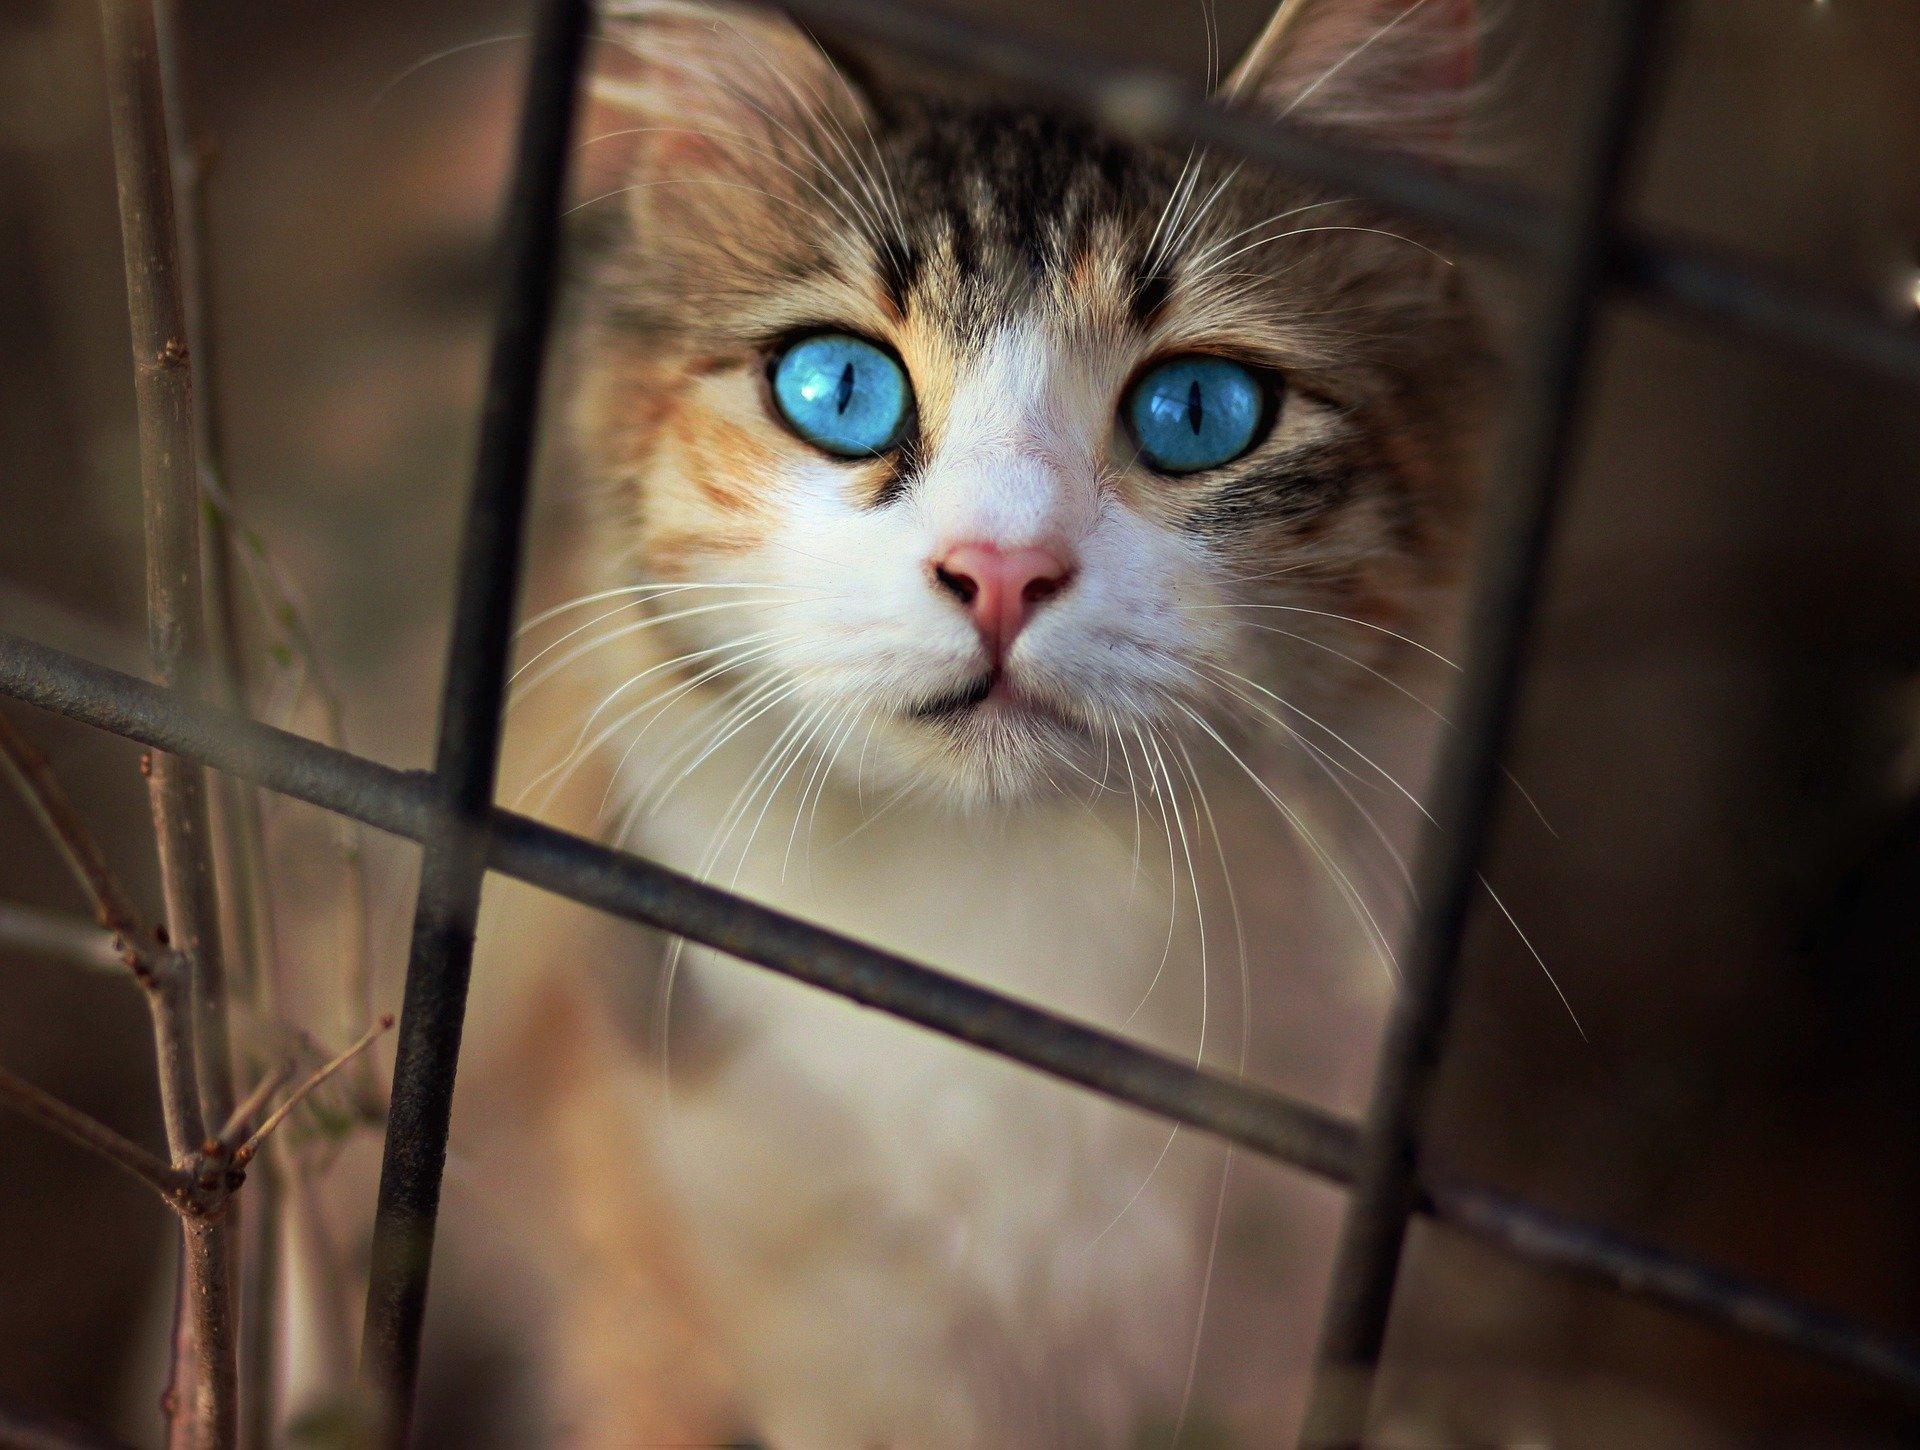 Si crees que el gato ha dejado de crecer drásticamente, llévalo al veterinario